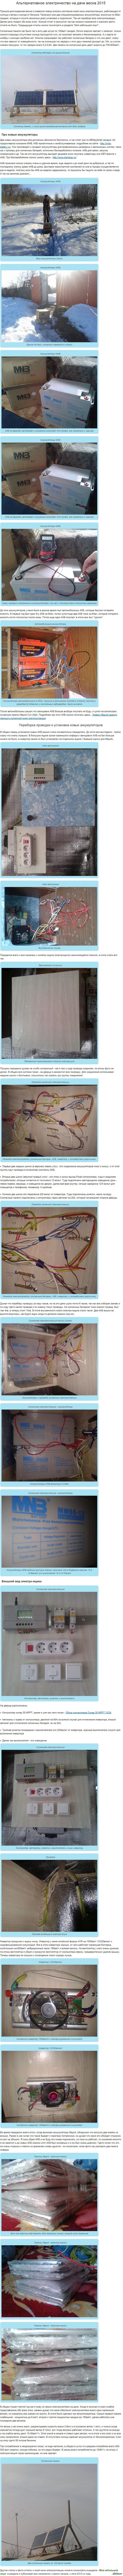 Альтернативное электричество на даче (личный опыт) Мой первый пост :-) Взял здесь http://e-veterok.ru/solnehnaya_elektrostancya_vesna_2015.php